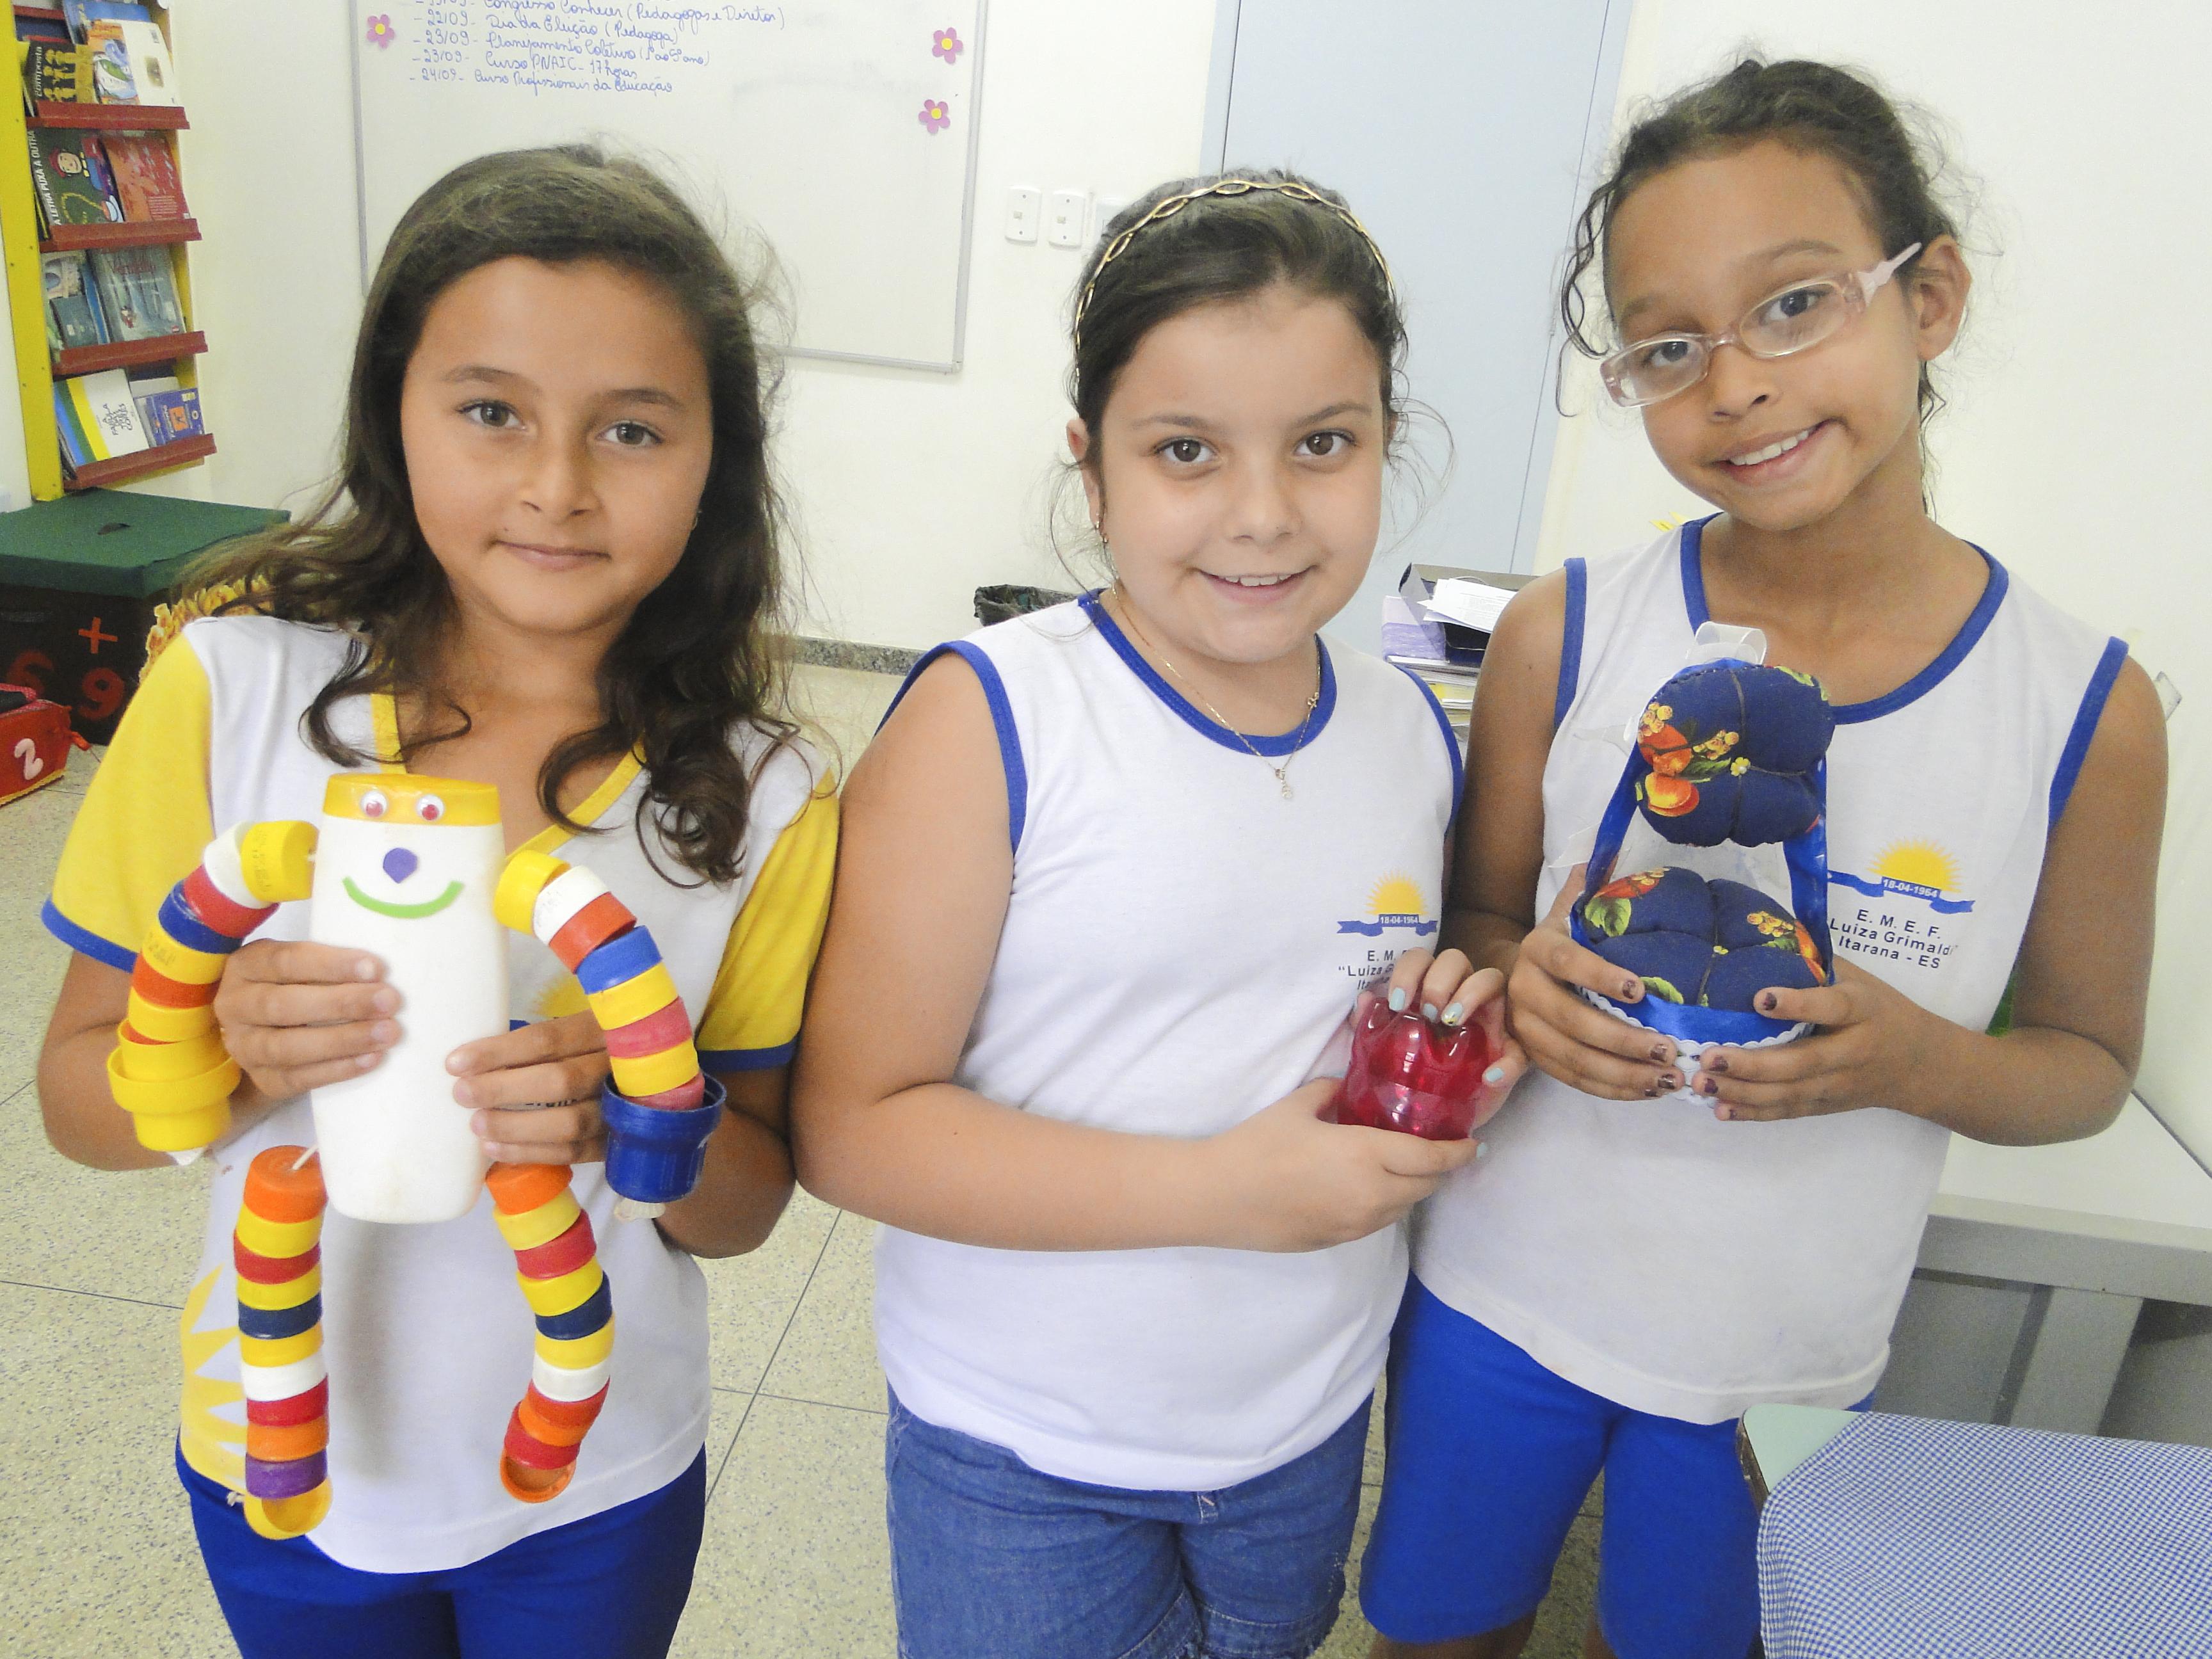 Praça Ana Mattos recebe Feira dos Jovens Empreendedores na quinta-feira (20)